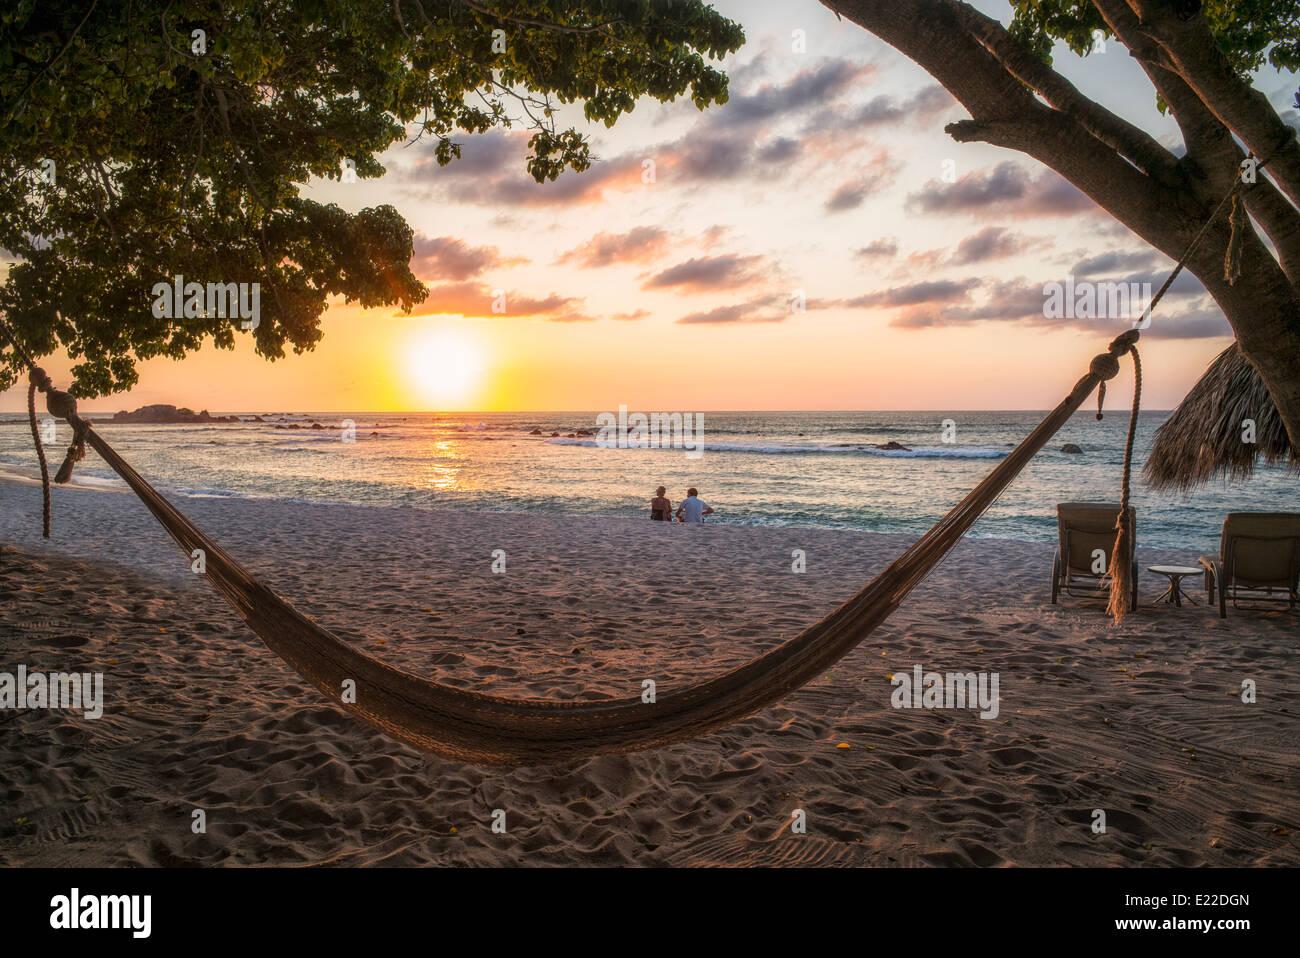 Tramonto sulla spiaggia con amaca a Punta Mita, Messico. Immagini Stock